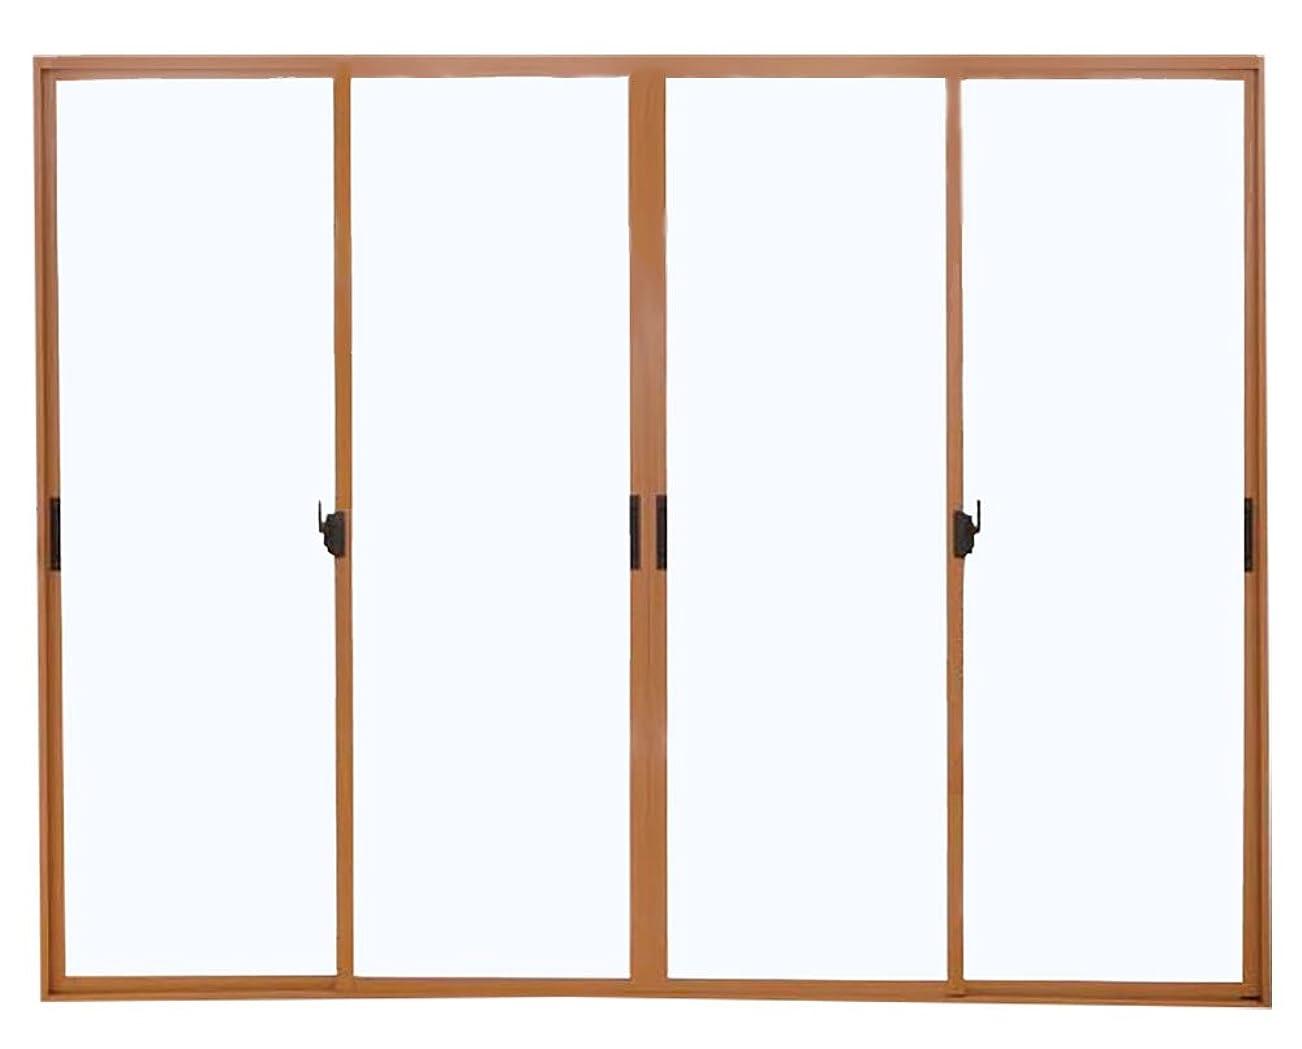 攻撃的キャンセル東メーカー受注生産品 4枚建 引違い窓 ポリカ 樹脂板 簡単すっきり内窓 楽窓 楽窓2 SEIKI セイキ販売 W2400mm×H1150mmまでサイズオーダー ポリカ-マットグリーン(3mm) 外ダークブロンズ?内ナチュラル